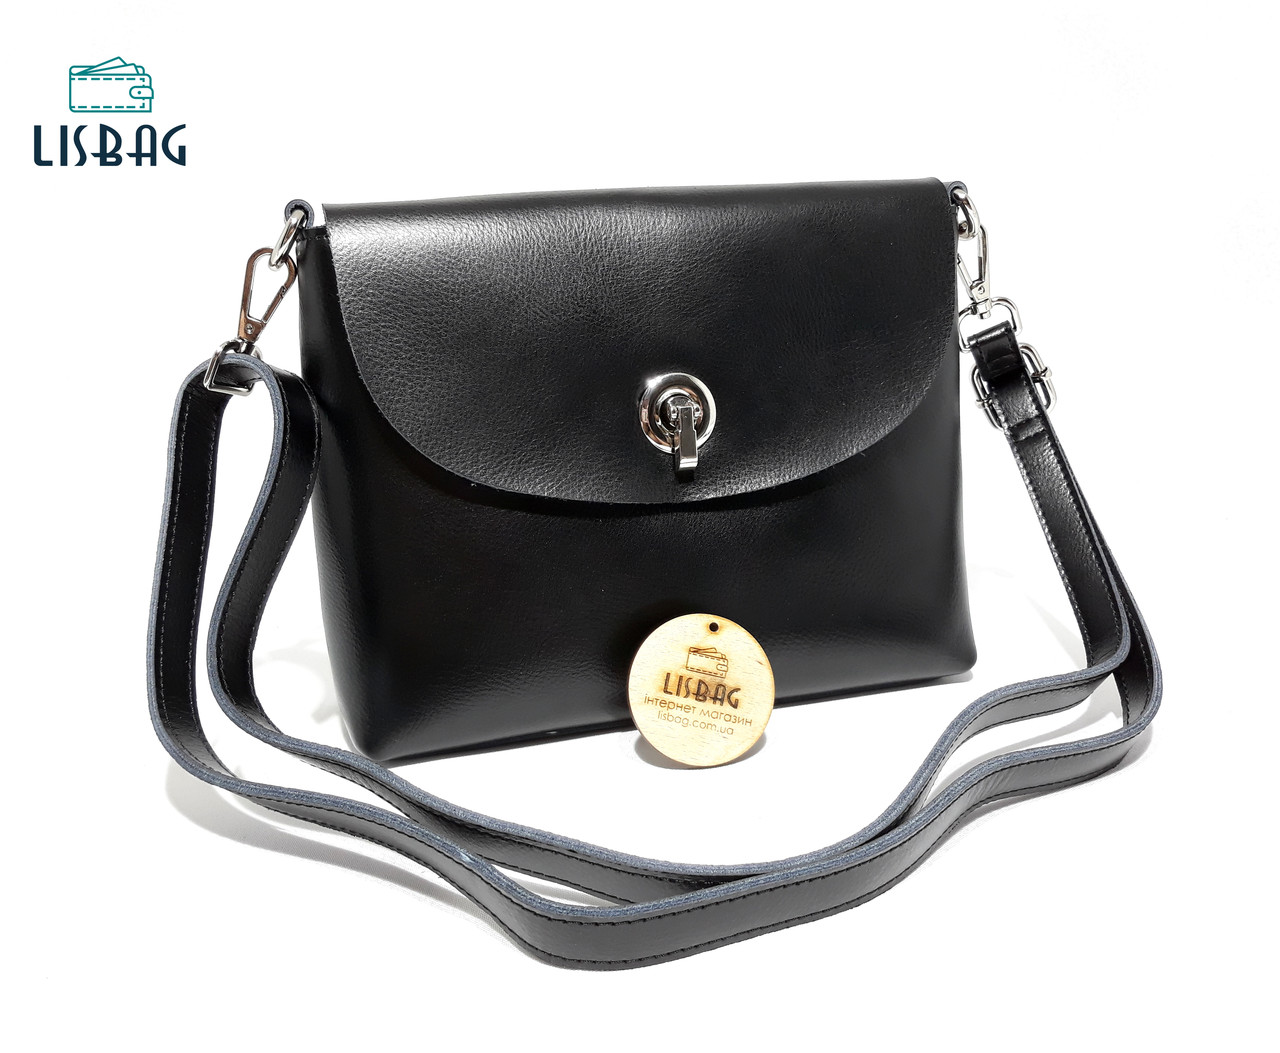 9819a09ce891 Средняя Черная женская кожаная сумка Galanty модель 2018 года ...